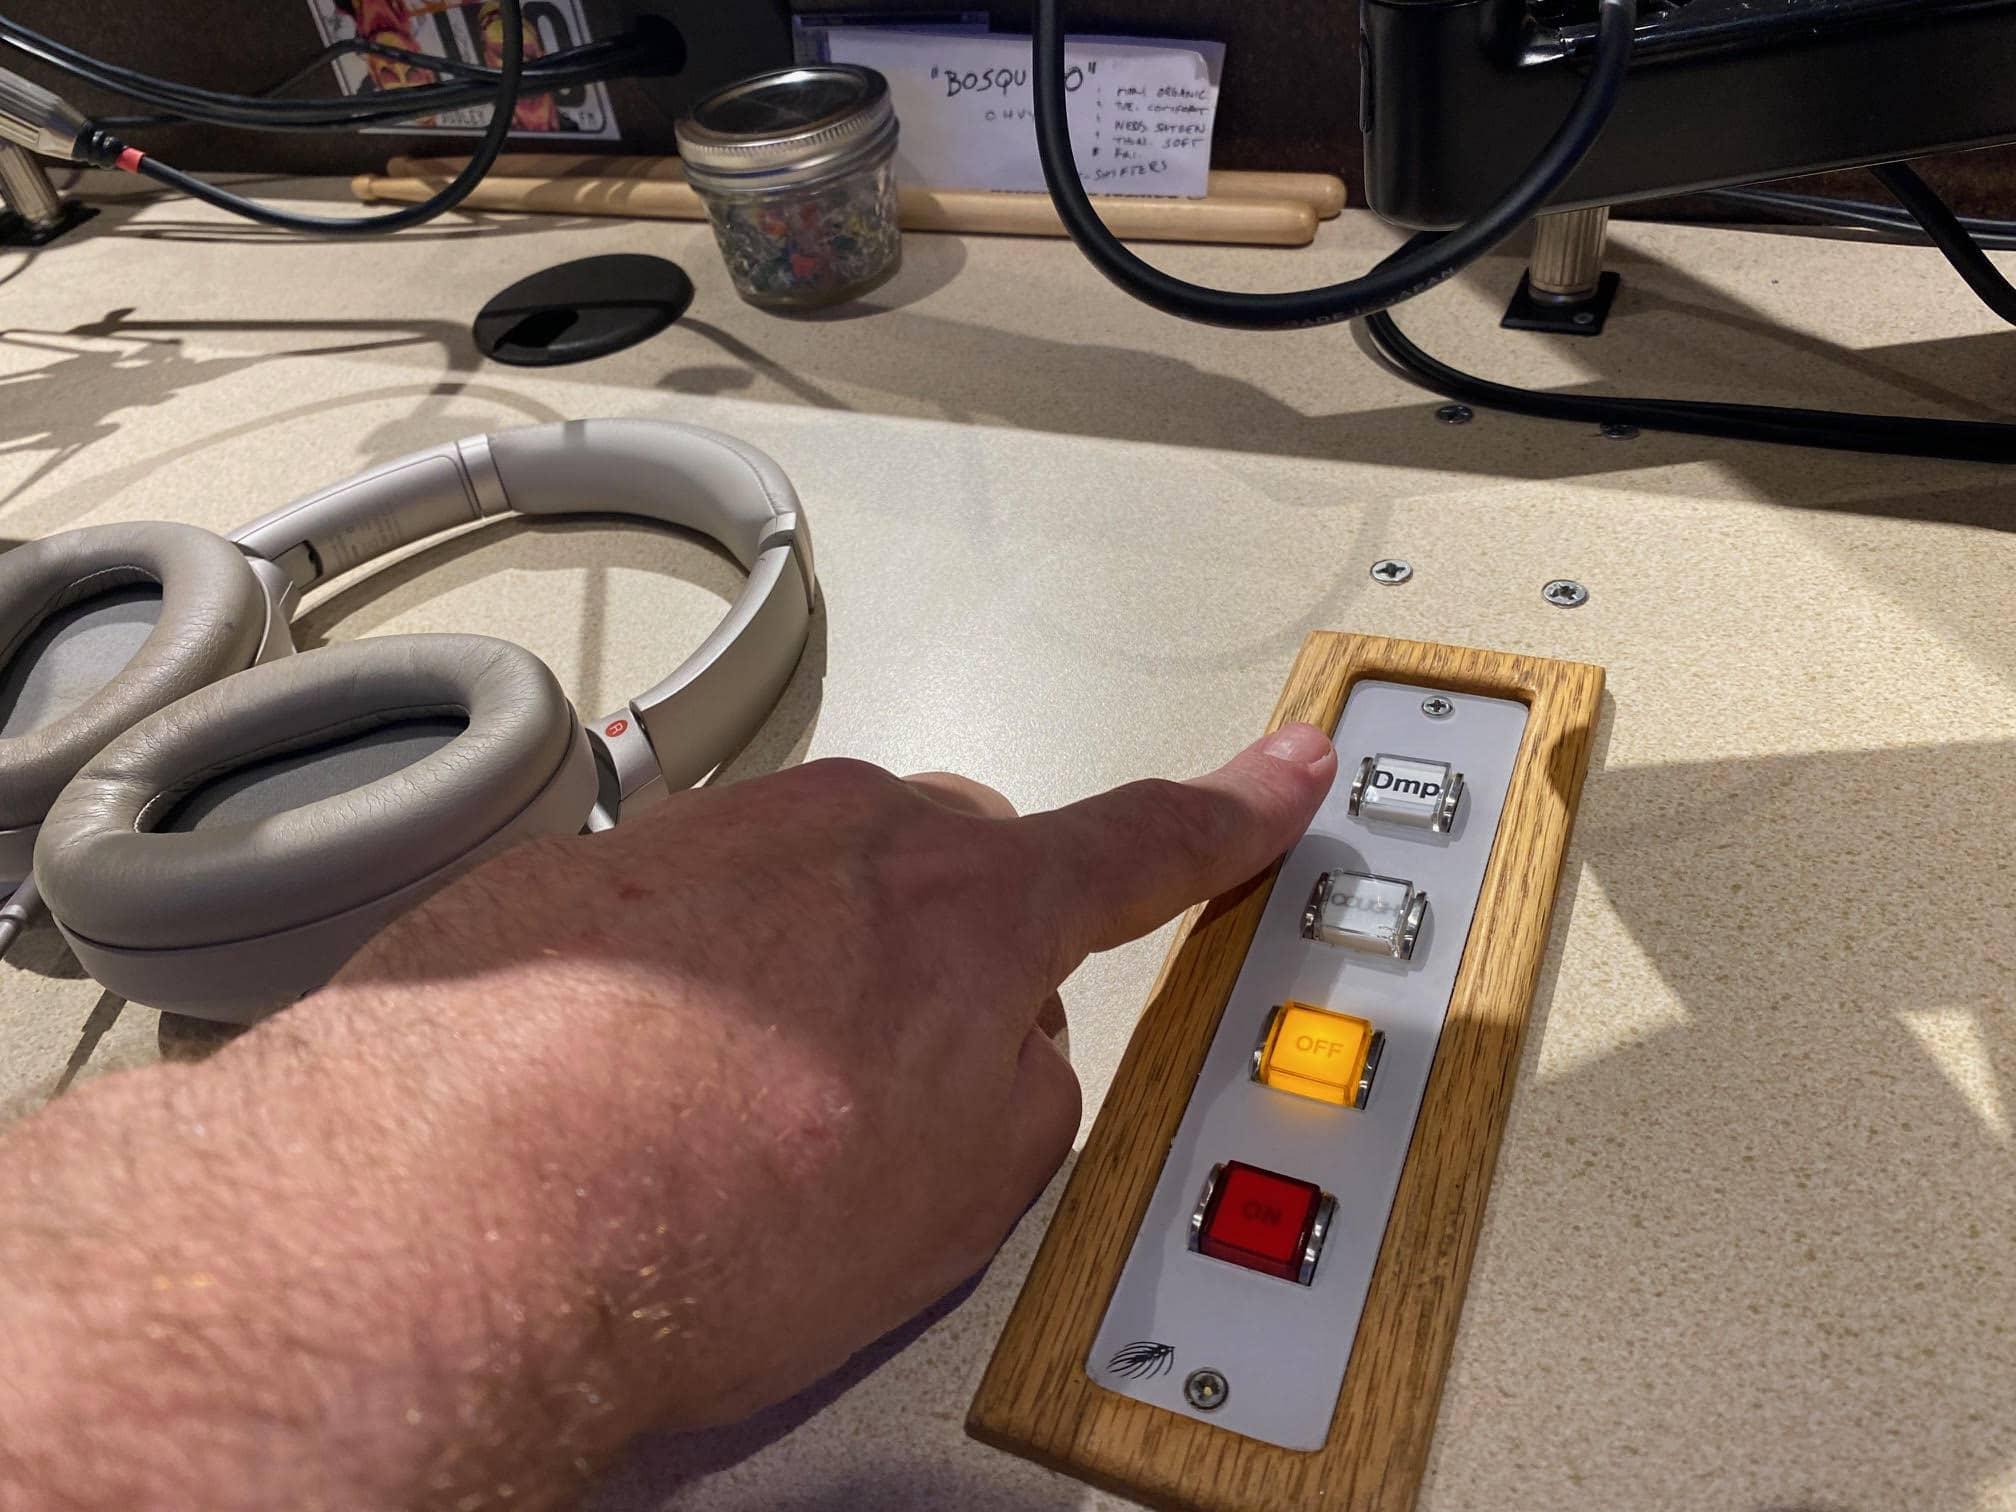 radio dump button